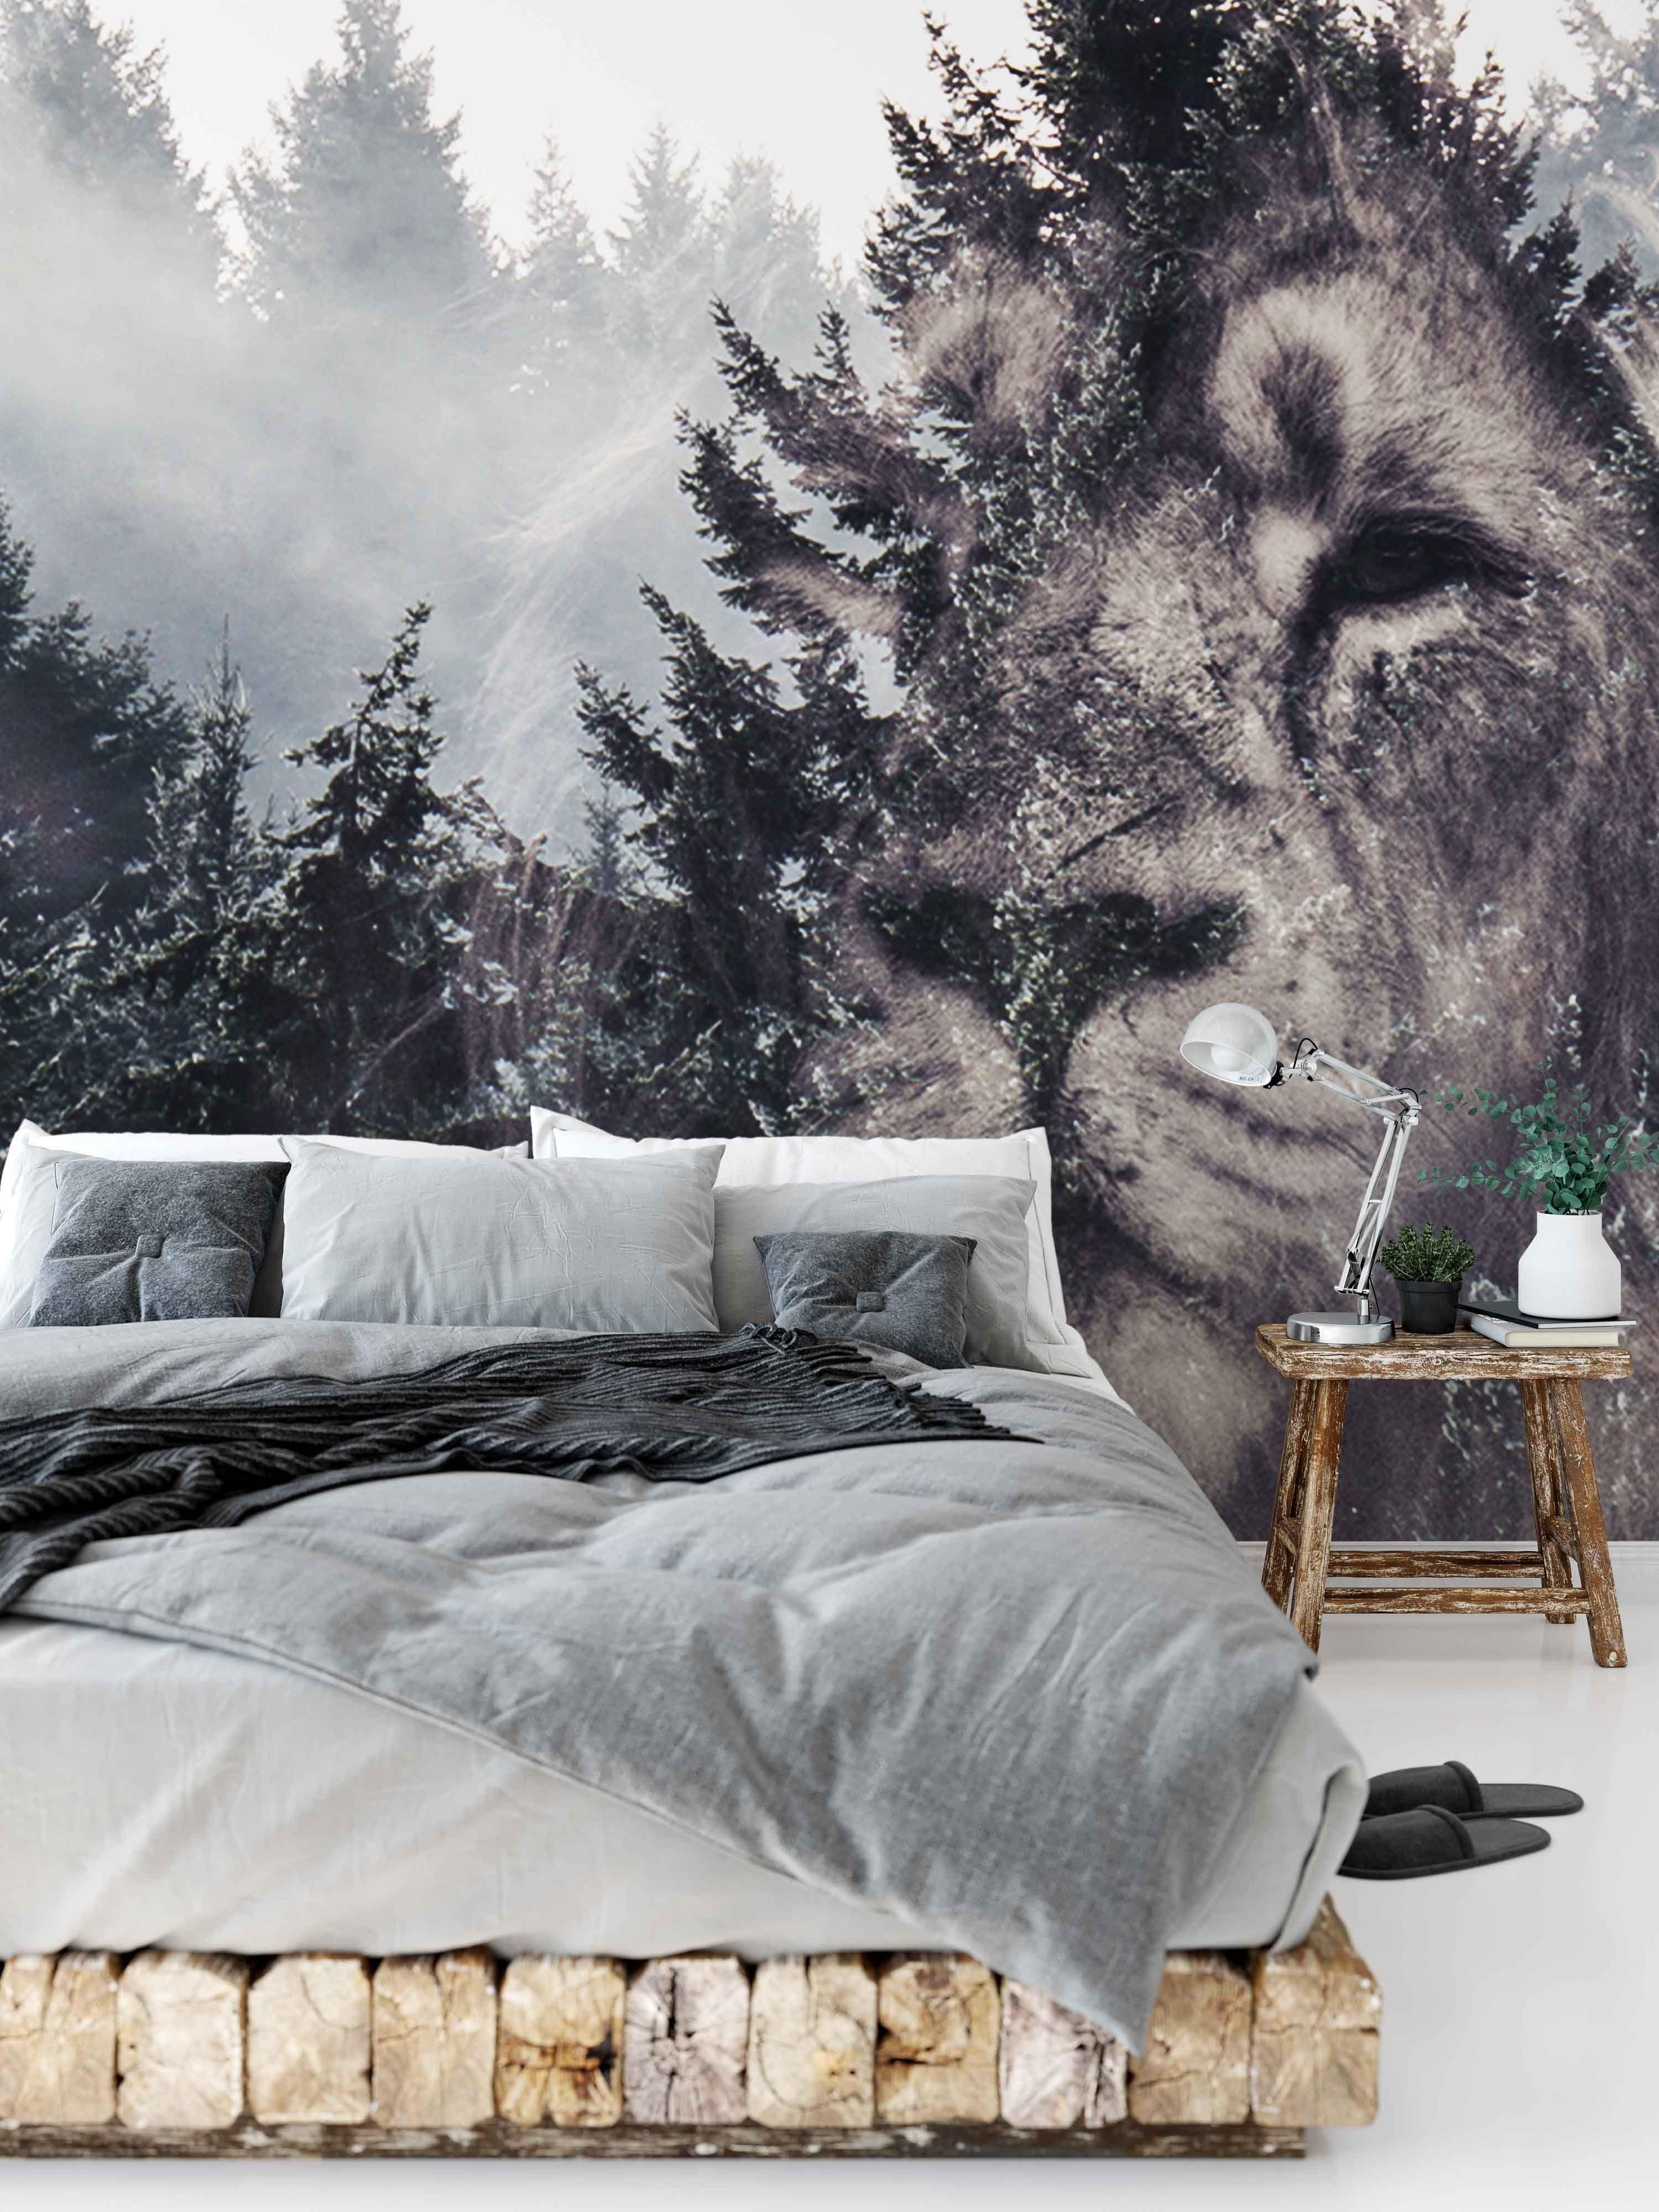 Lion Forest Wallpaper Mural Removable Wall Murals Mural Wallpaper Mural Design